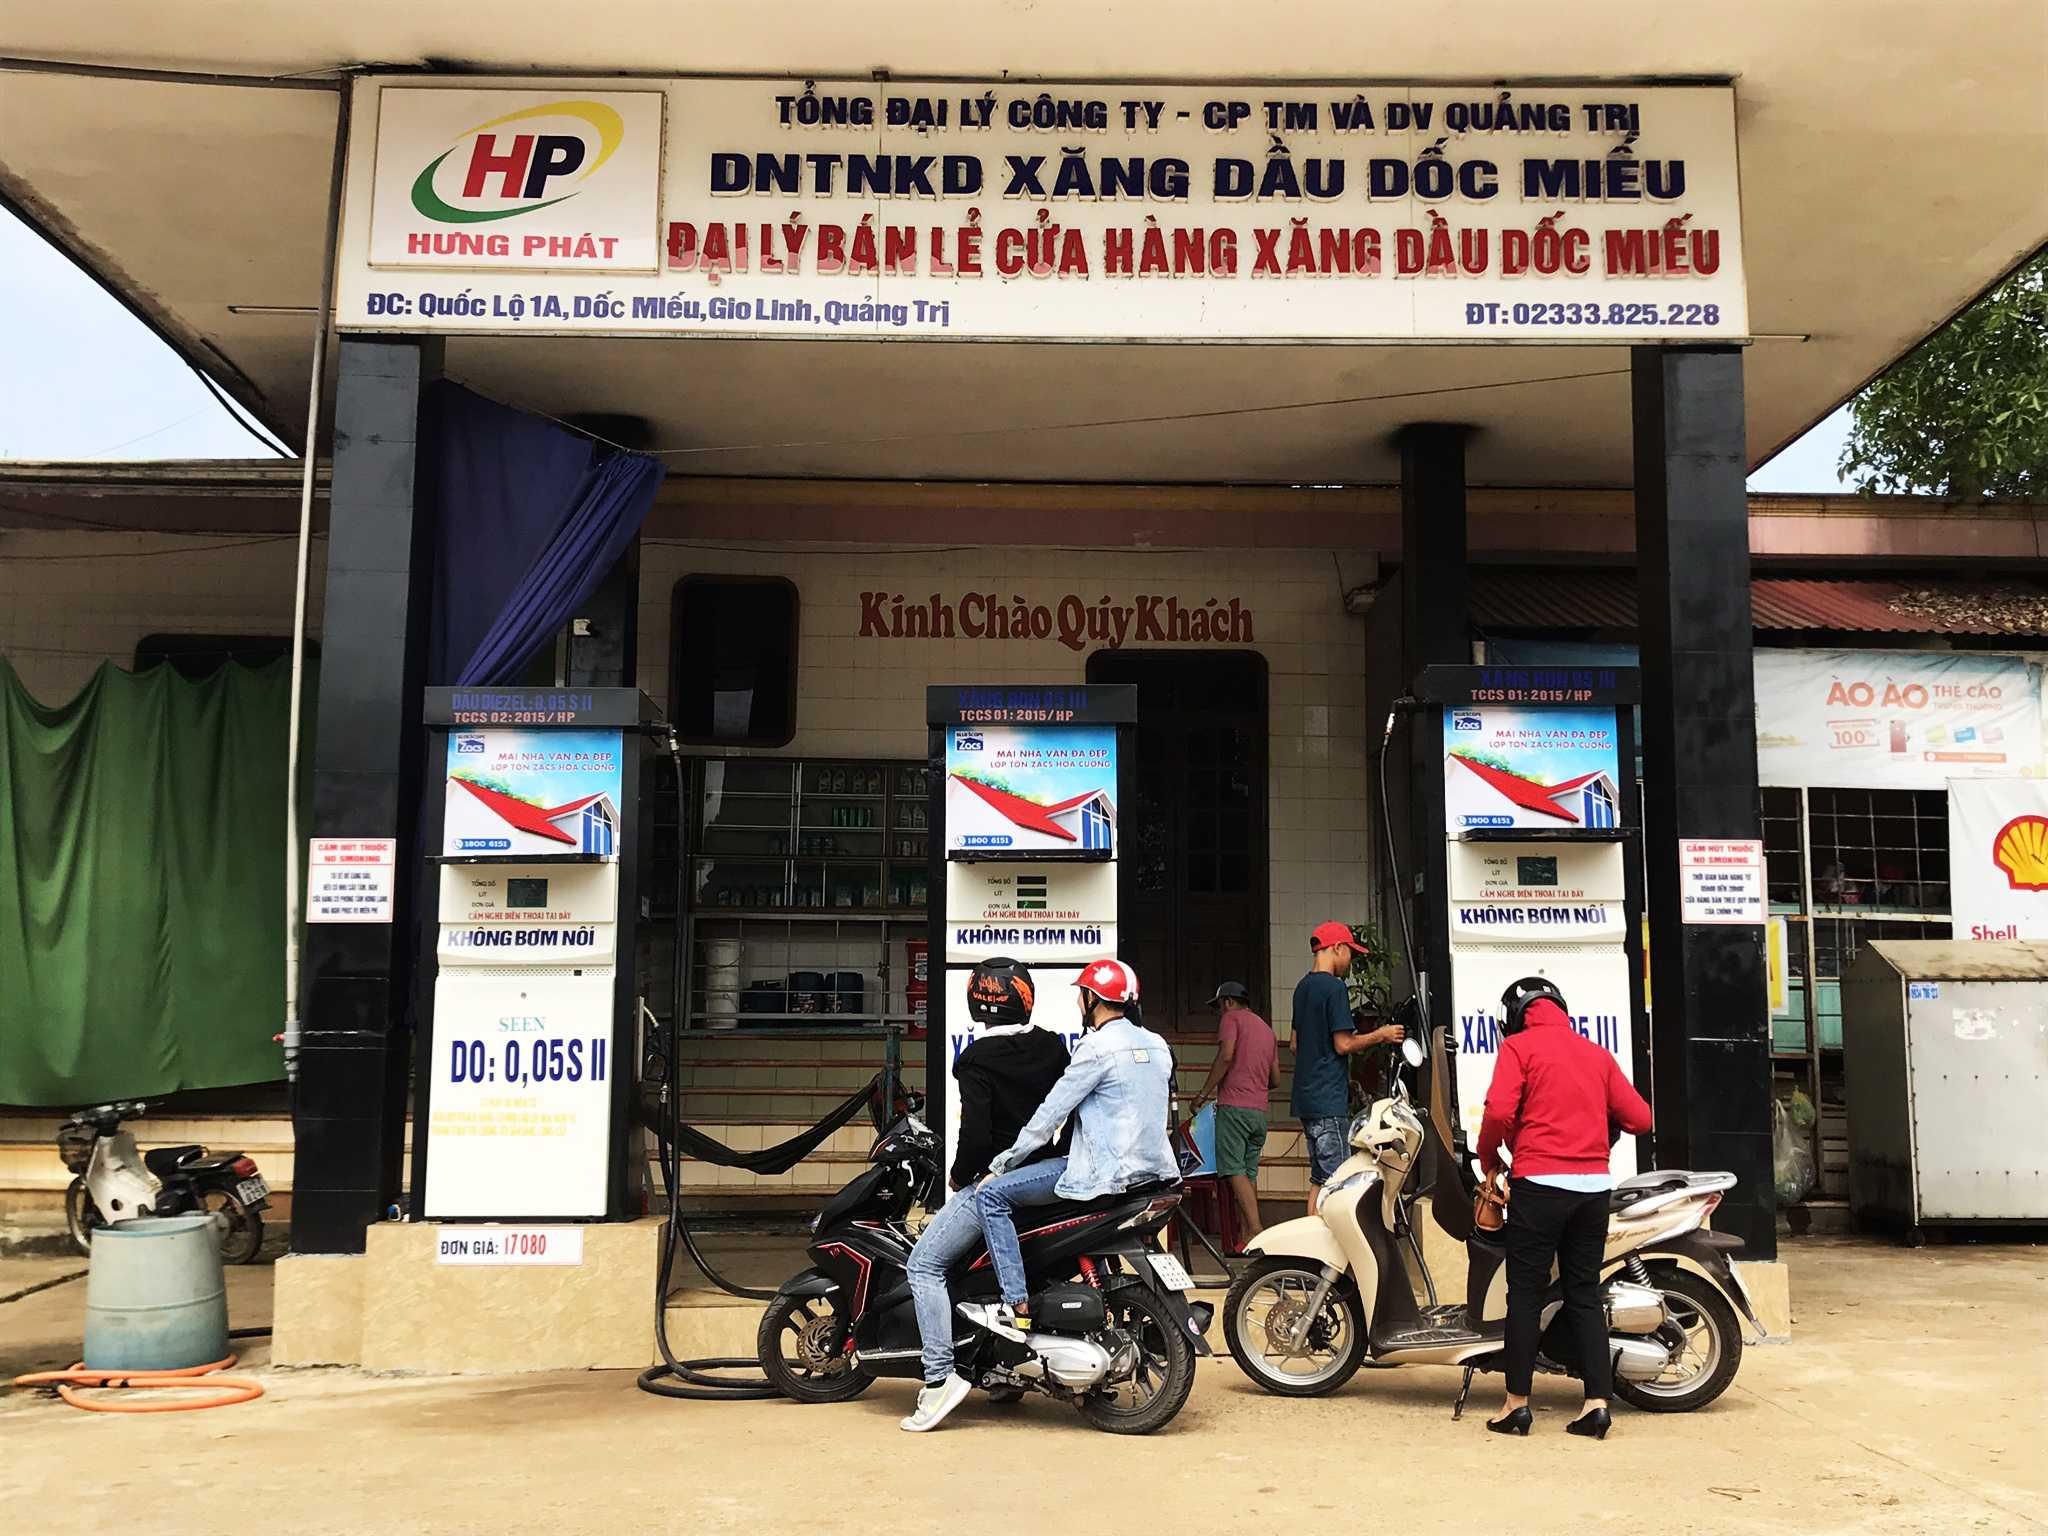 Quảng cáo CHXD Tuấn Phát Dốc Miếu, Dốc Miếu, xã Gio Phong, huyện Gio Linh, Quảng Trị